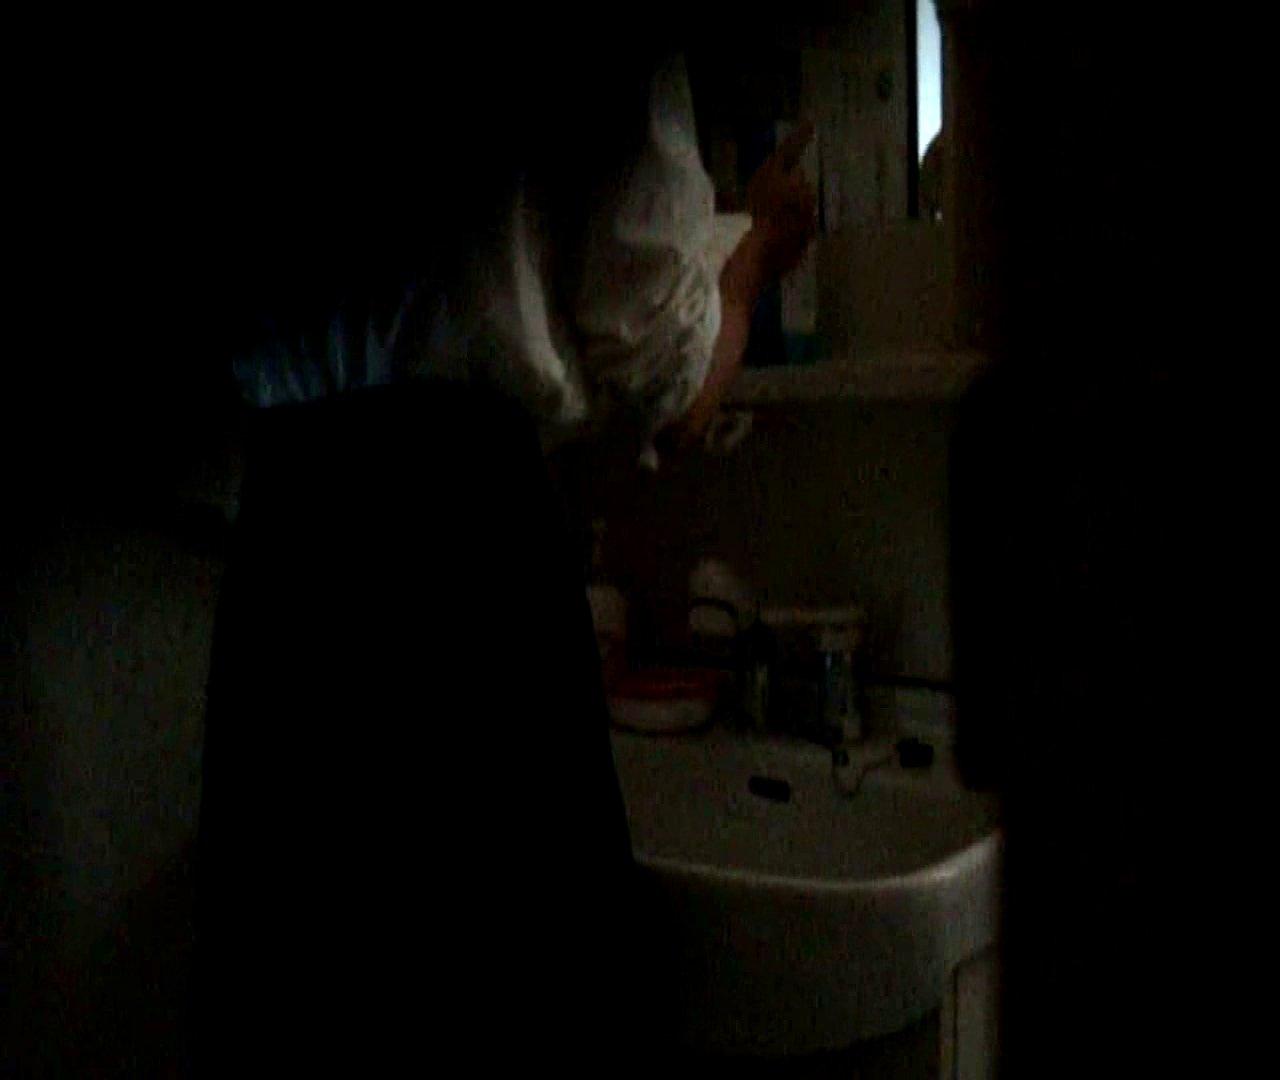 二人とも育てた甲斐がありました… vol.05 まどかが洗顔後にブラを洗濯 美しいOLの裸体 | 0  102pic 35